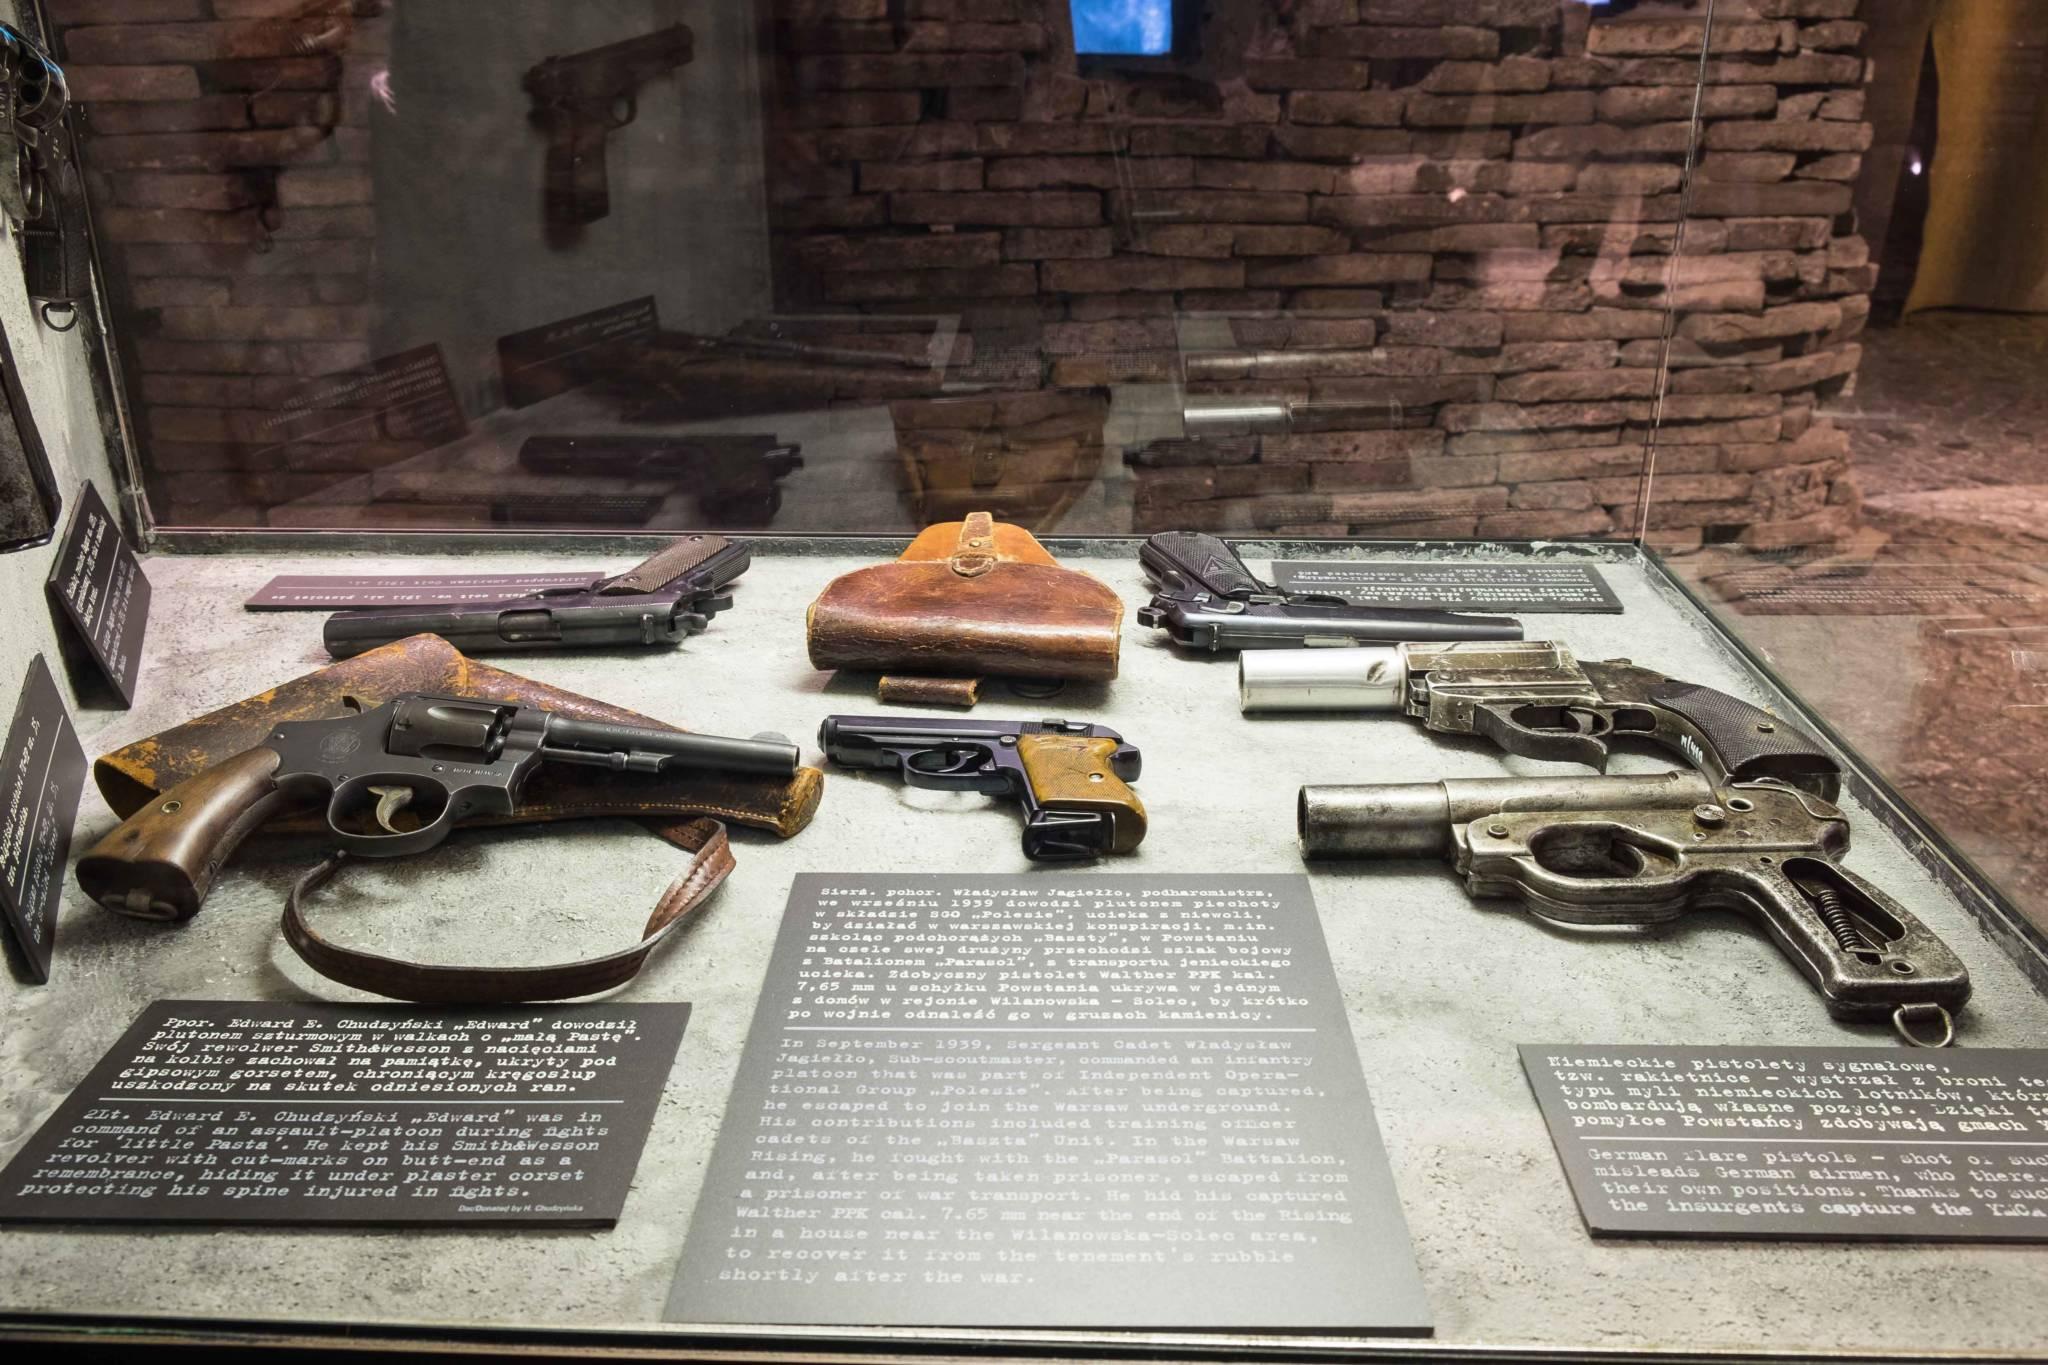 Muzeum Powstania Warszawskiego lr (37 of 37)